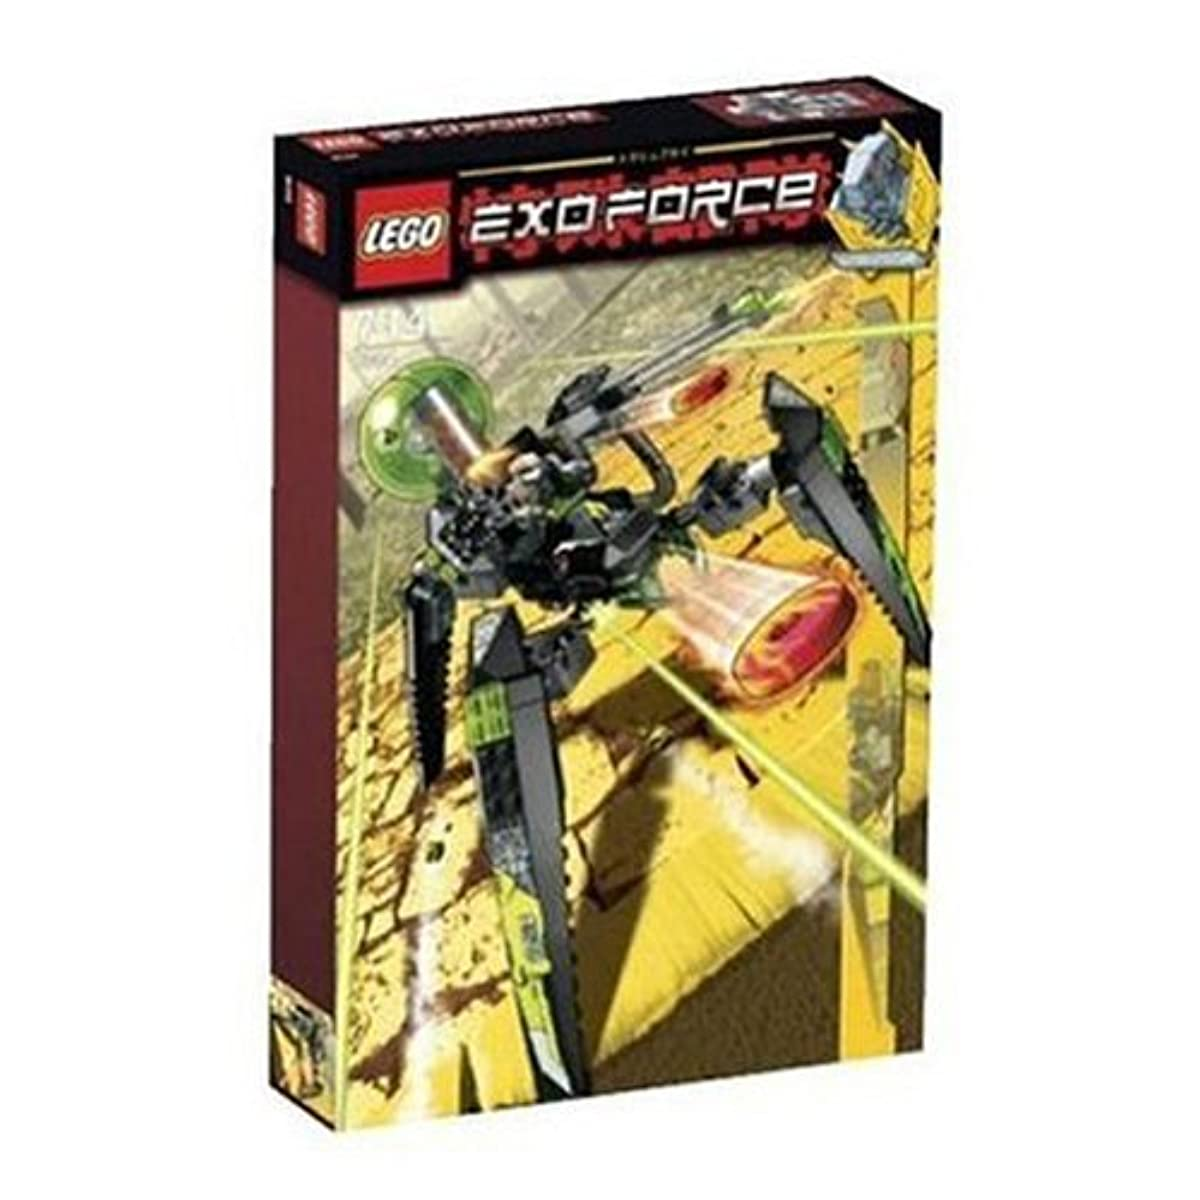 [해외] 레고 (LEGO) 에쿠소포스 섀도우블랙―라 8104 (2007-04-08)